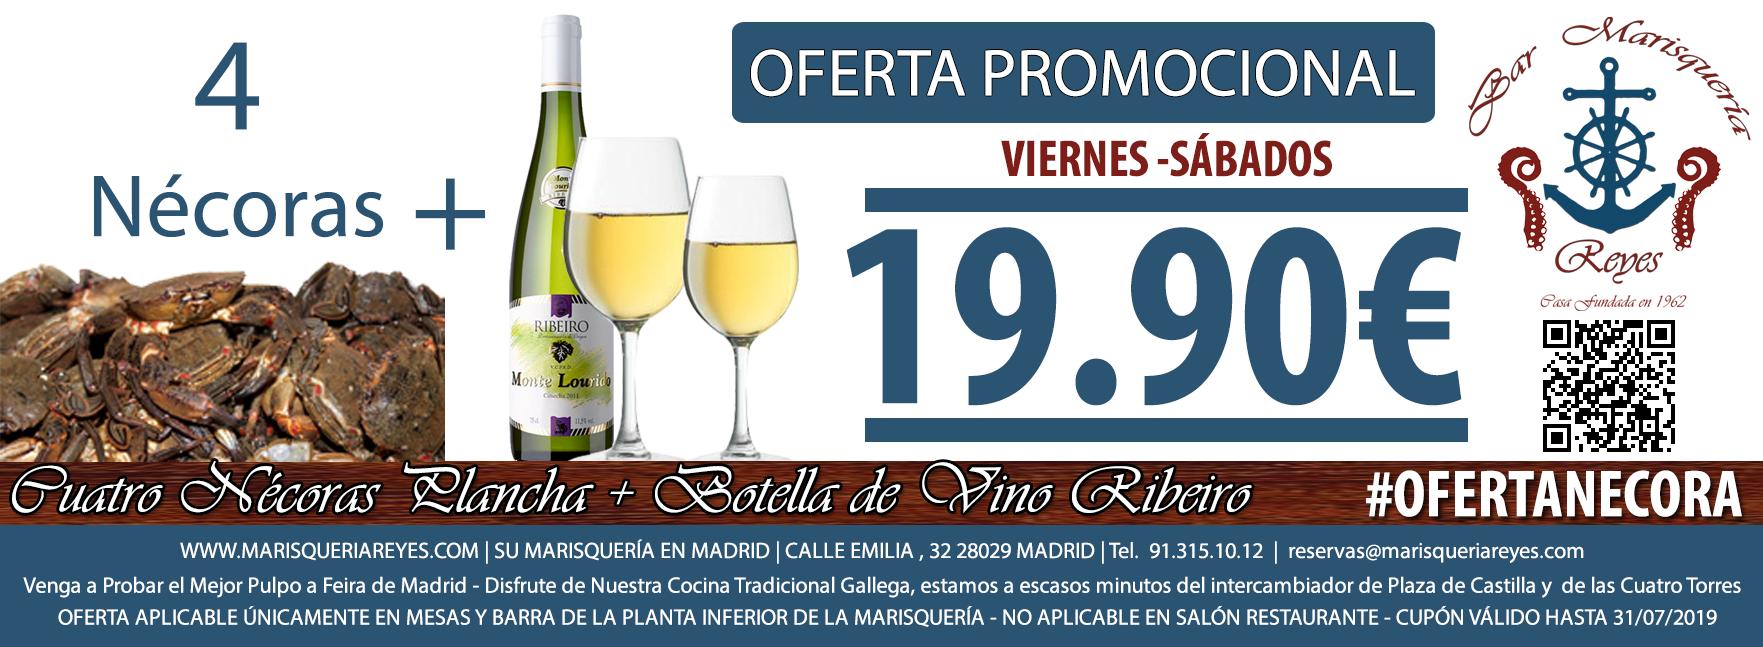 Promoción Oferta 4 Nécoras + Botella de Ribeiro 19,90 € Las Mejores Nécoras de Madrid en Marisquería Reyes, a Escasos Metros de Plaza de Castilla